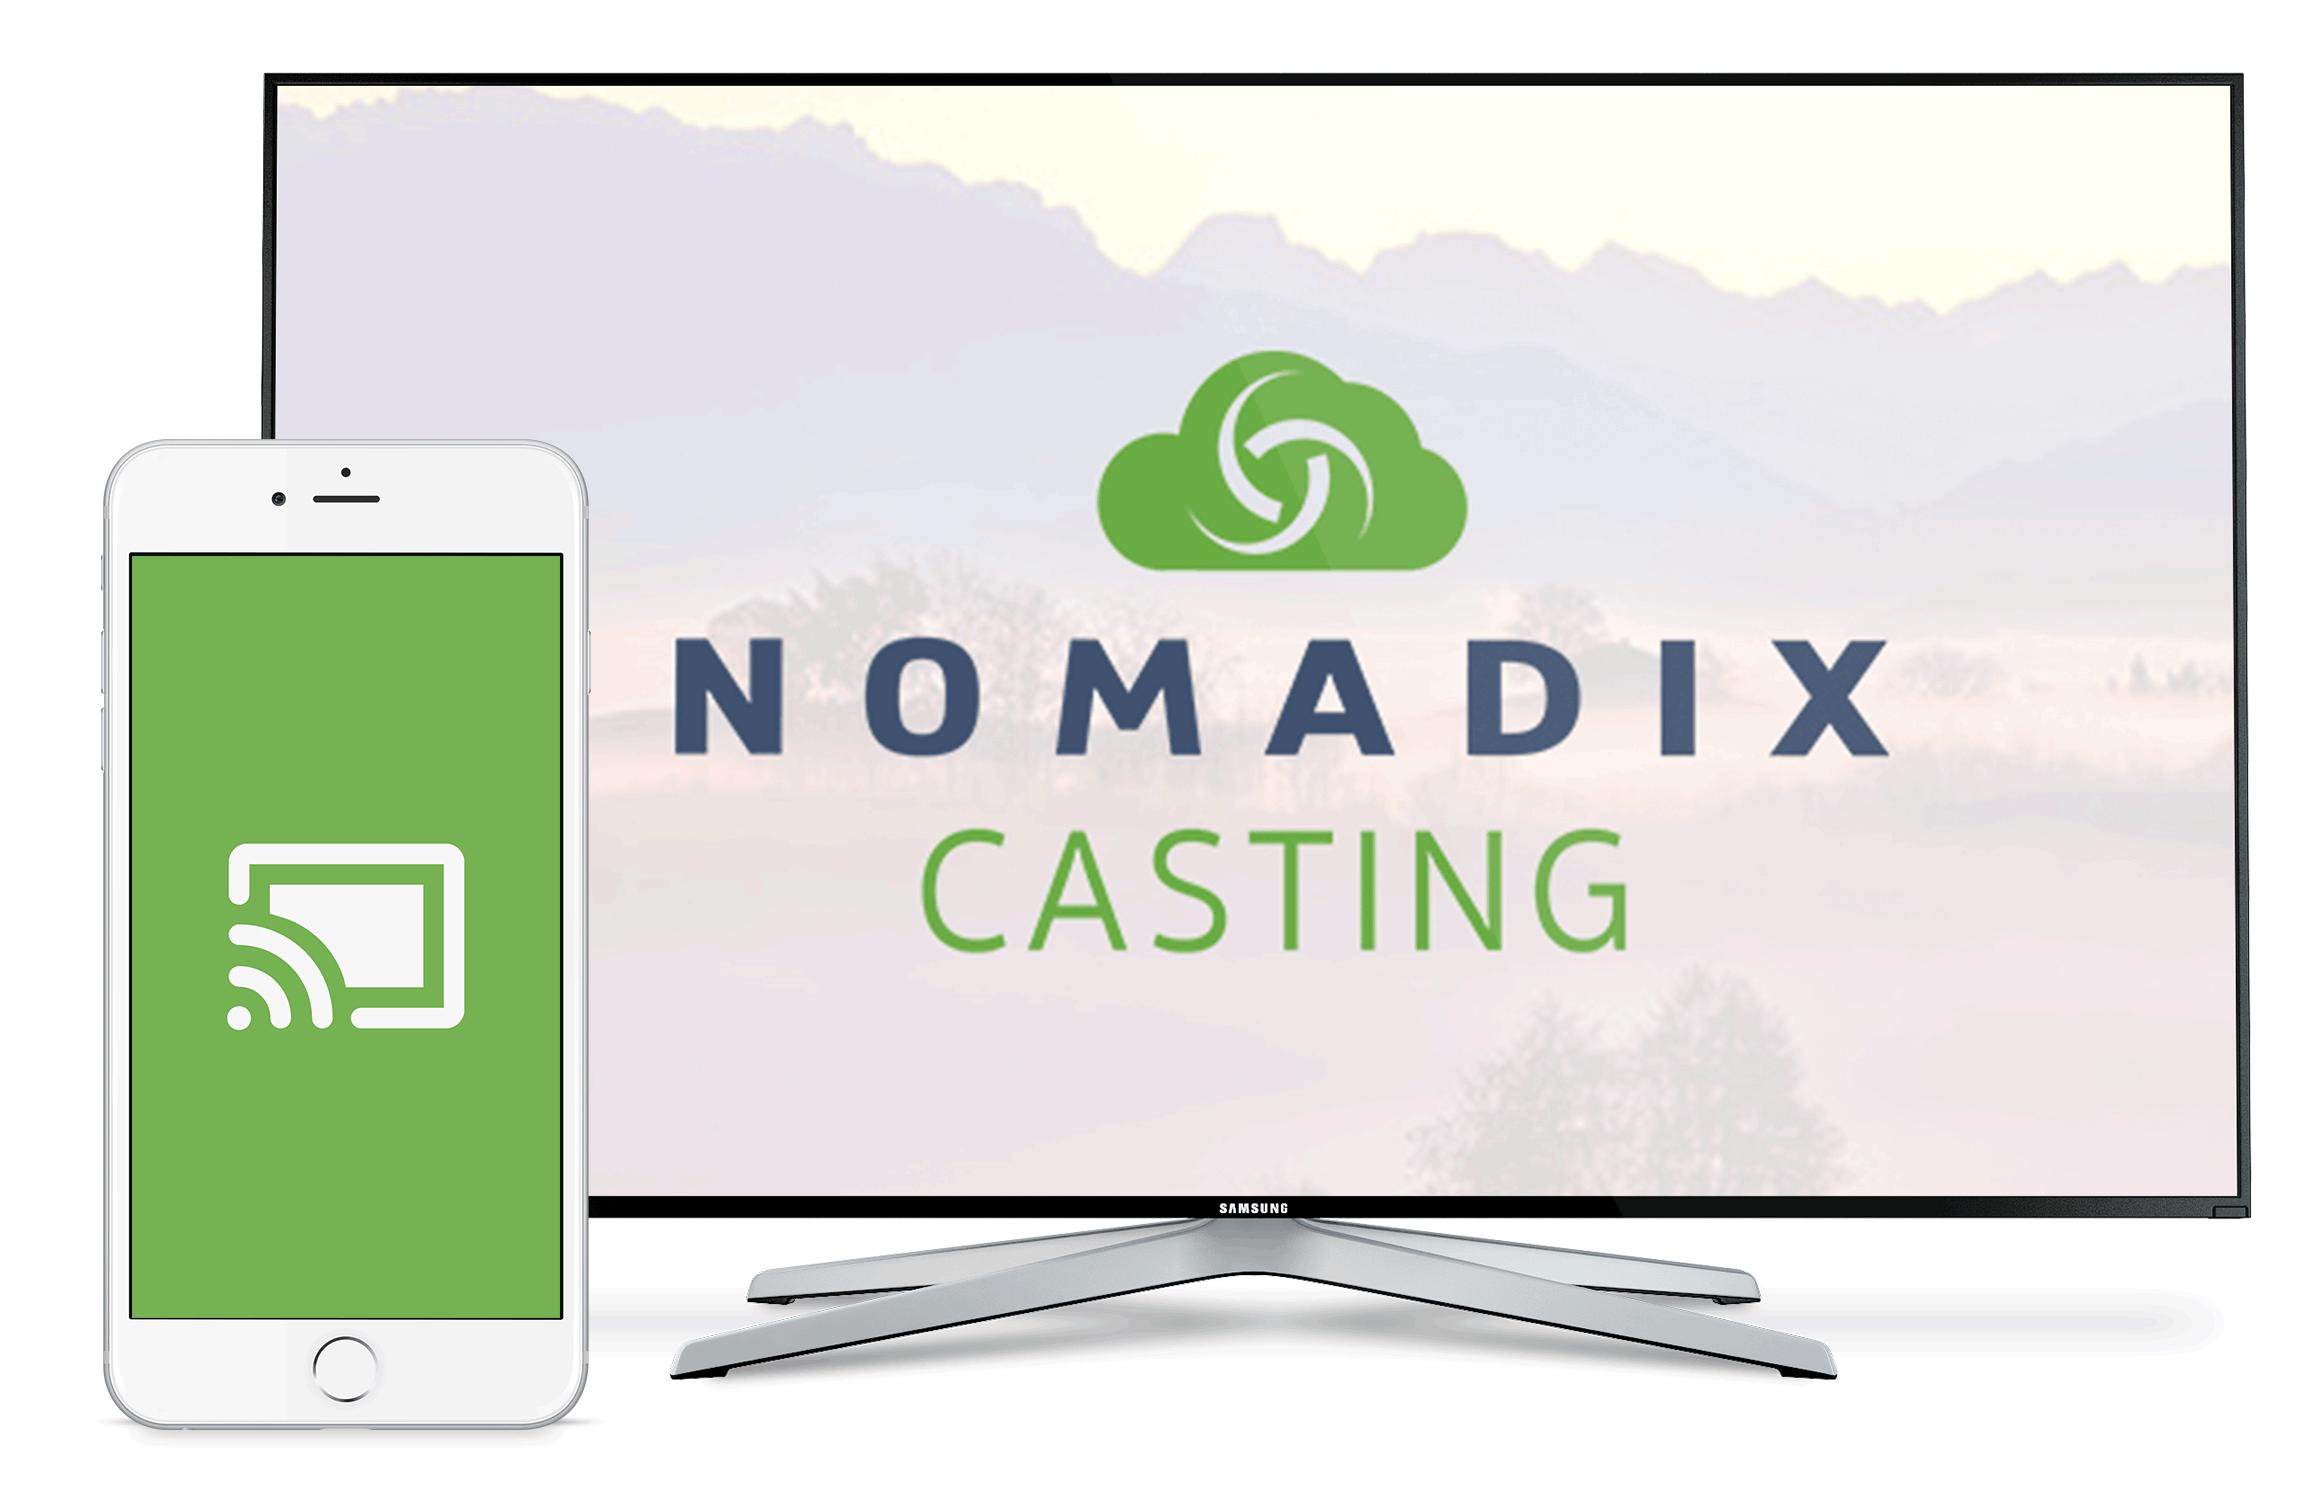 nomadix casting